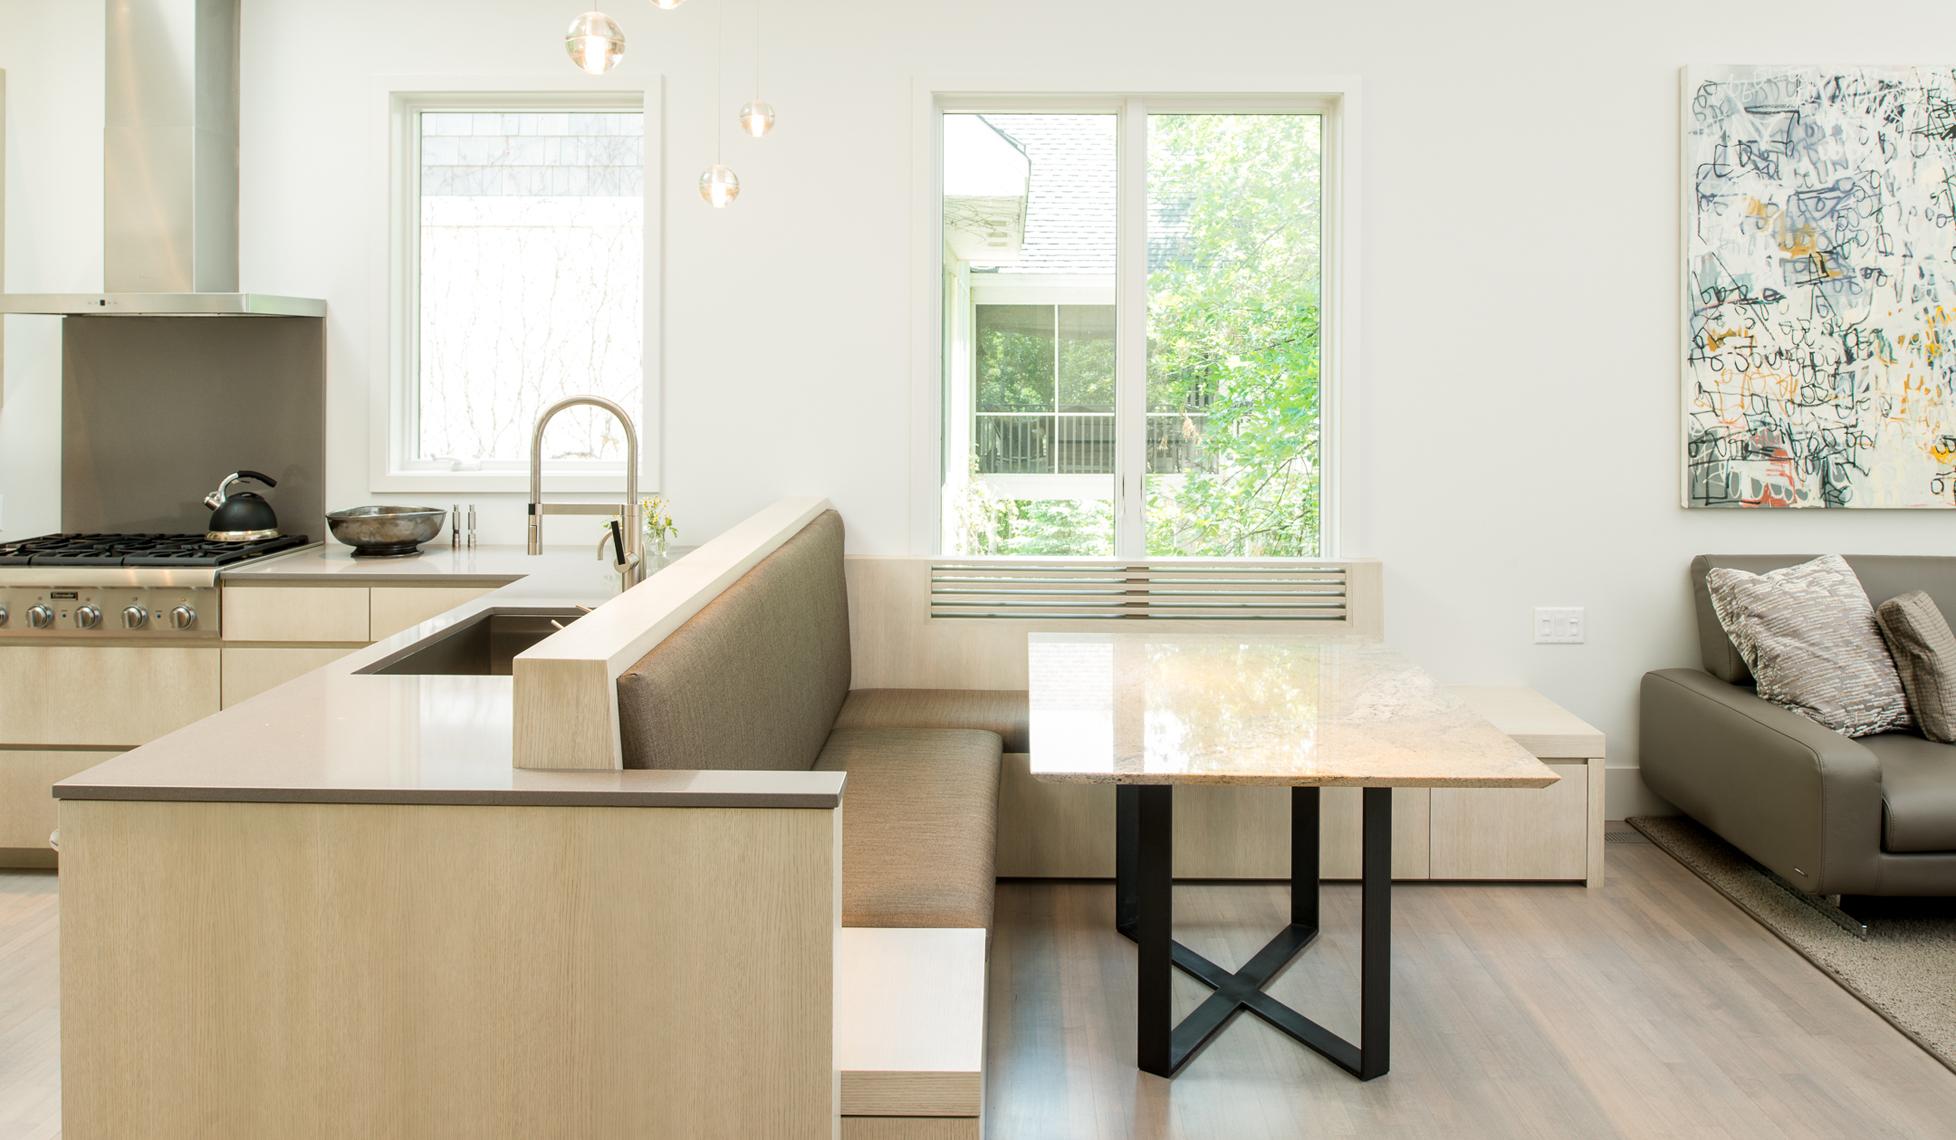 Custom upholstered dining bench